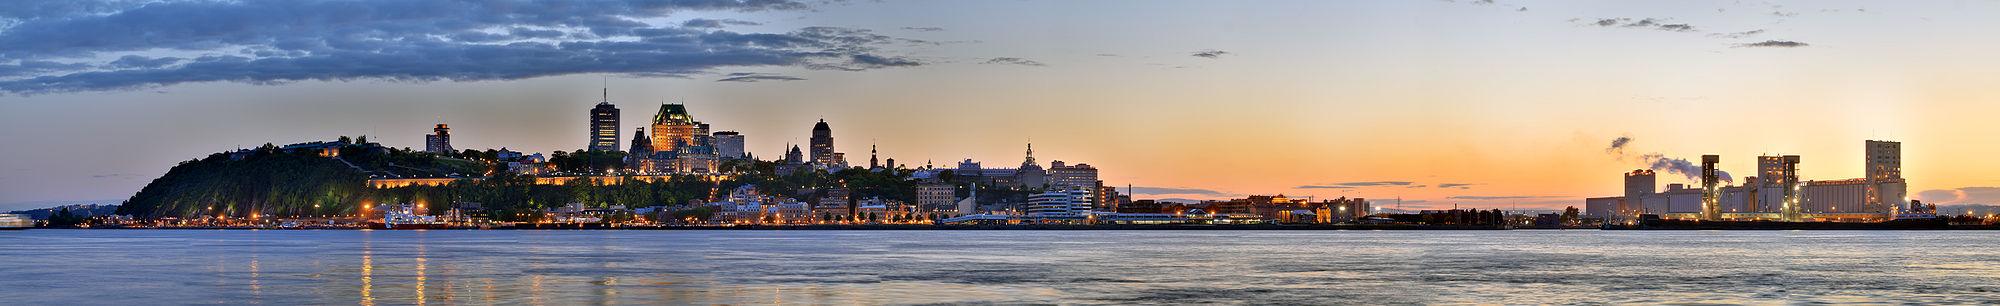 78 - Québec - Juin 2009.jpg